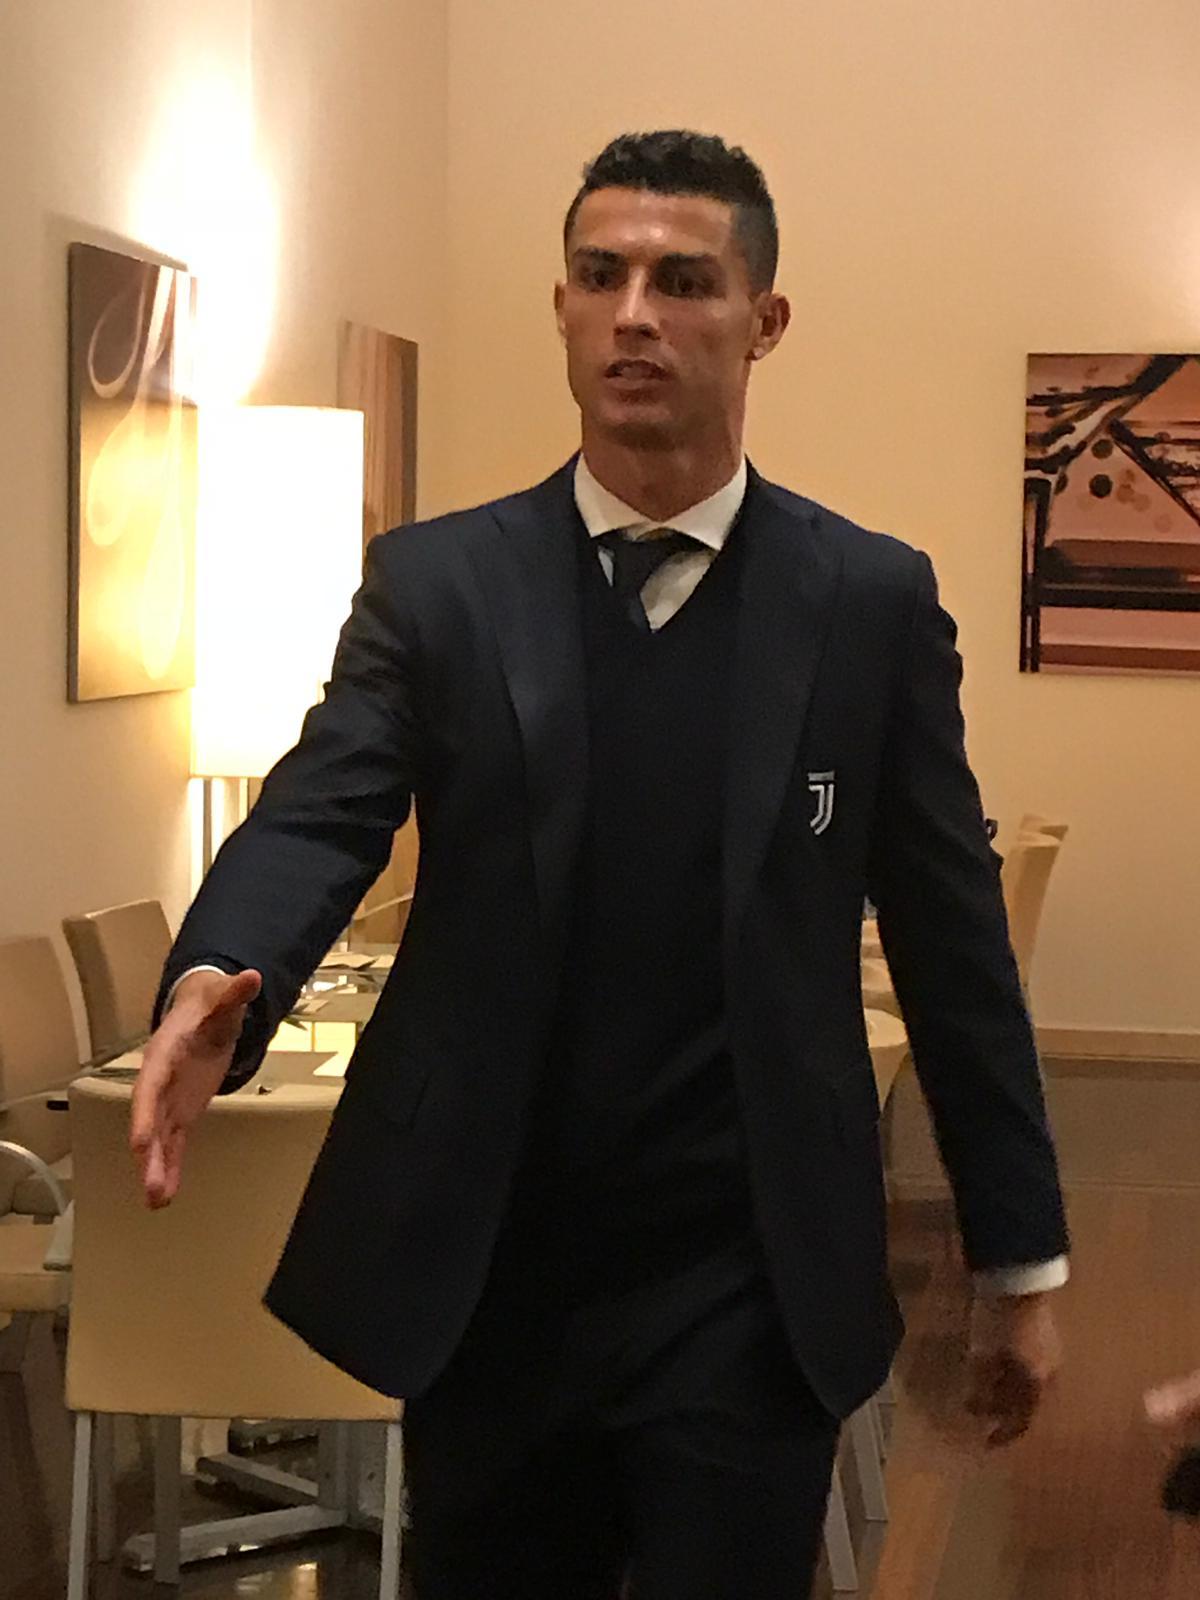 Tartufo Cristiano Ronaldo Gazzarrini Tartufi Mattia Nannetti